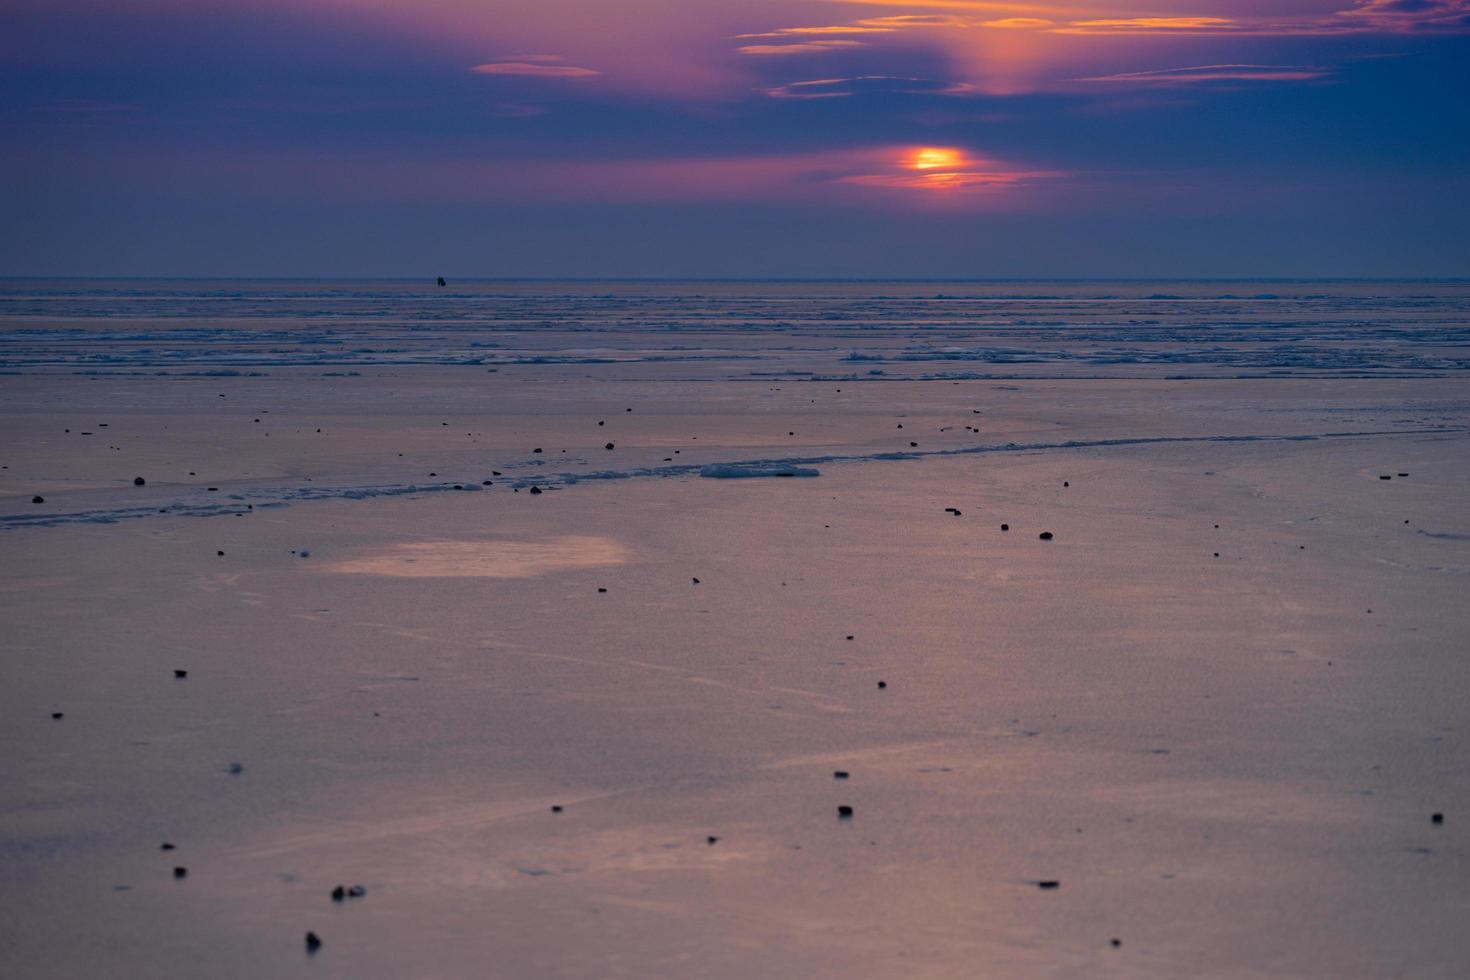 kleurrijke bewolkte zonsondergang over een strand bij amoerbaai in vladivostok, Rusland foto